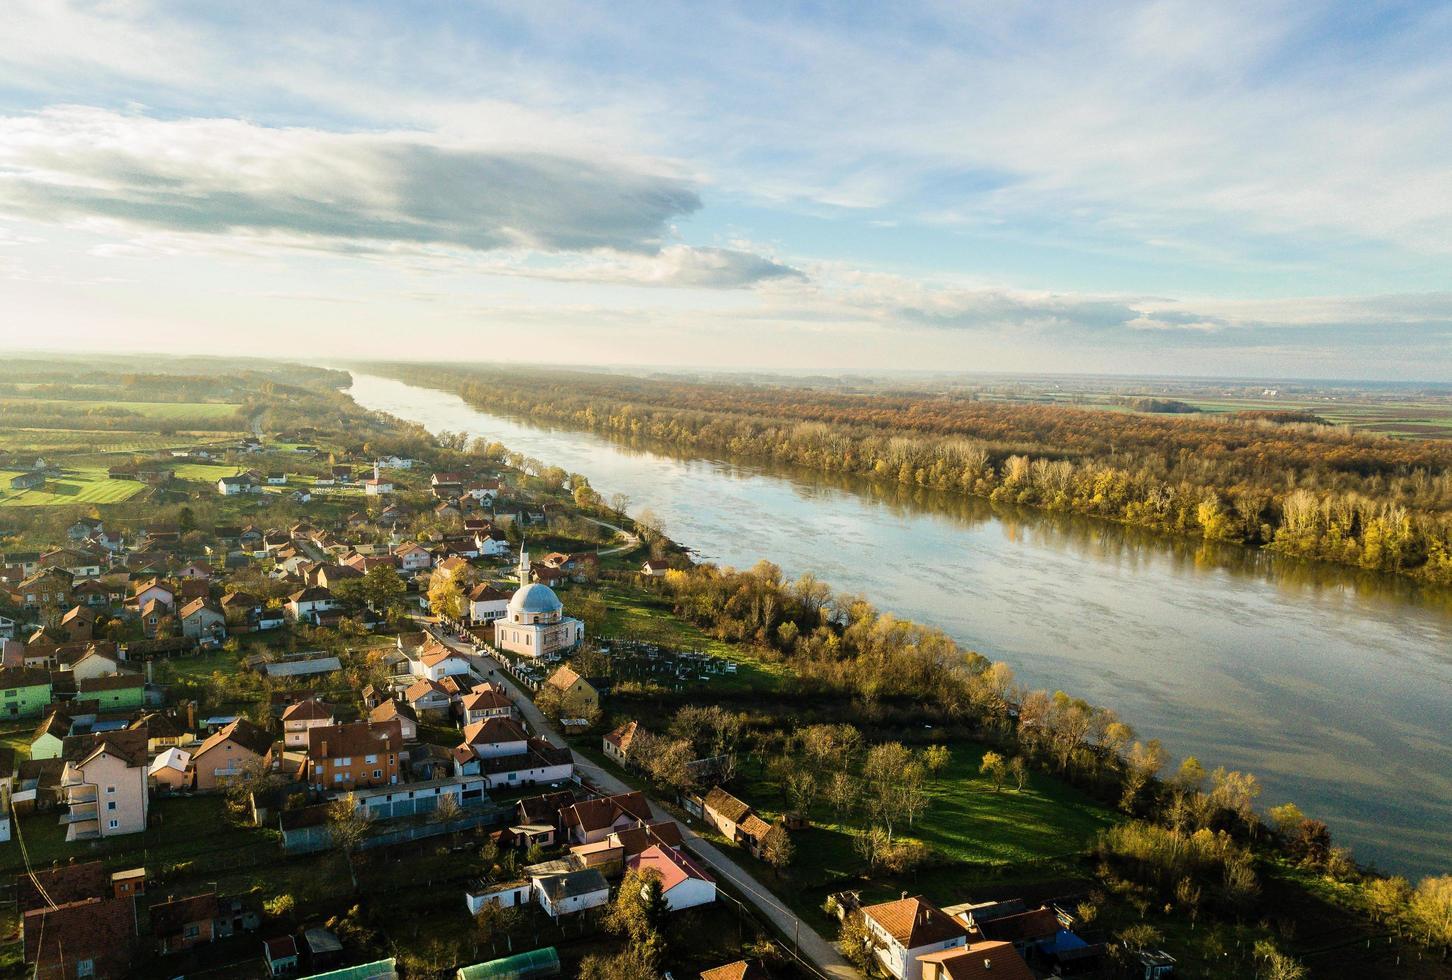 vue aérienne de la ville et de la rivière photo